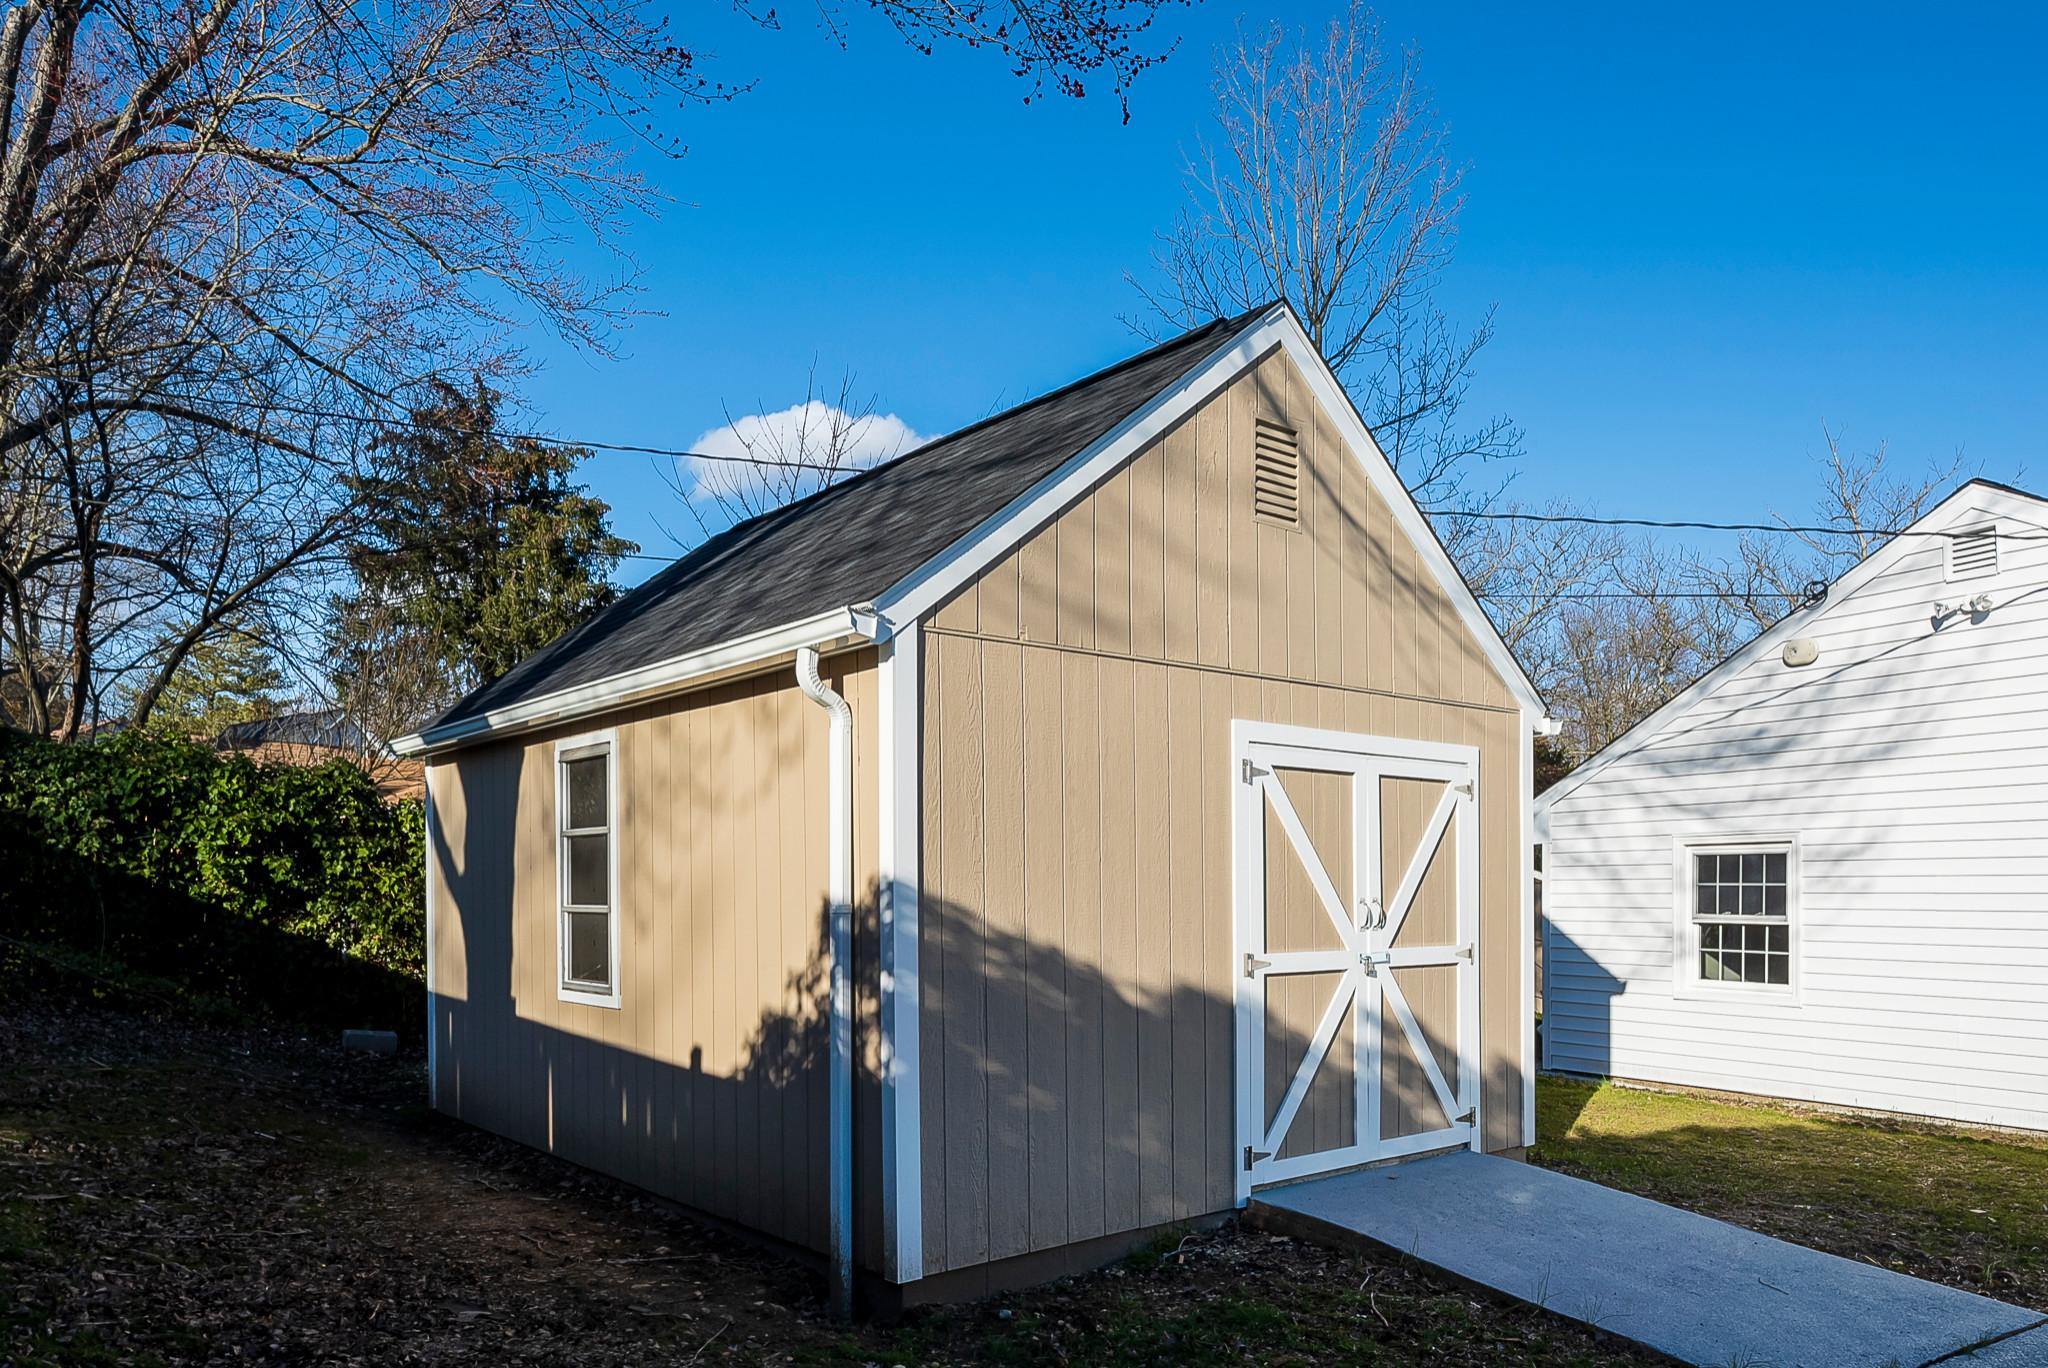 Stonybrook Drive Whole House Renovation Project